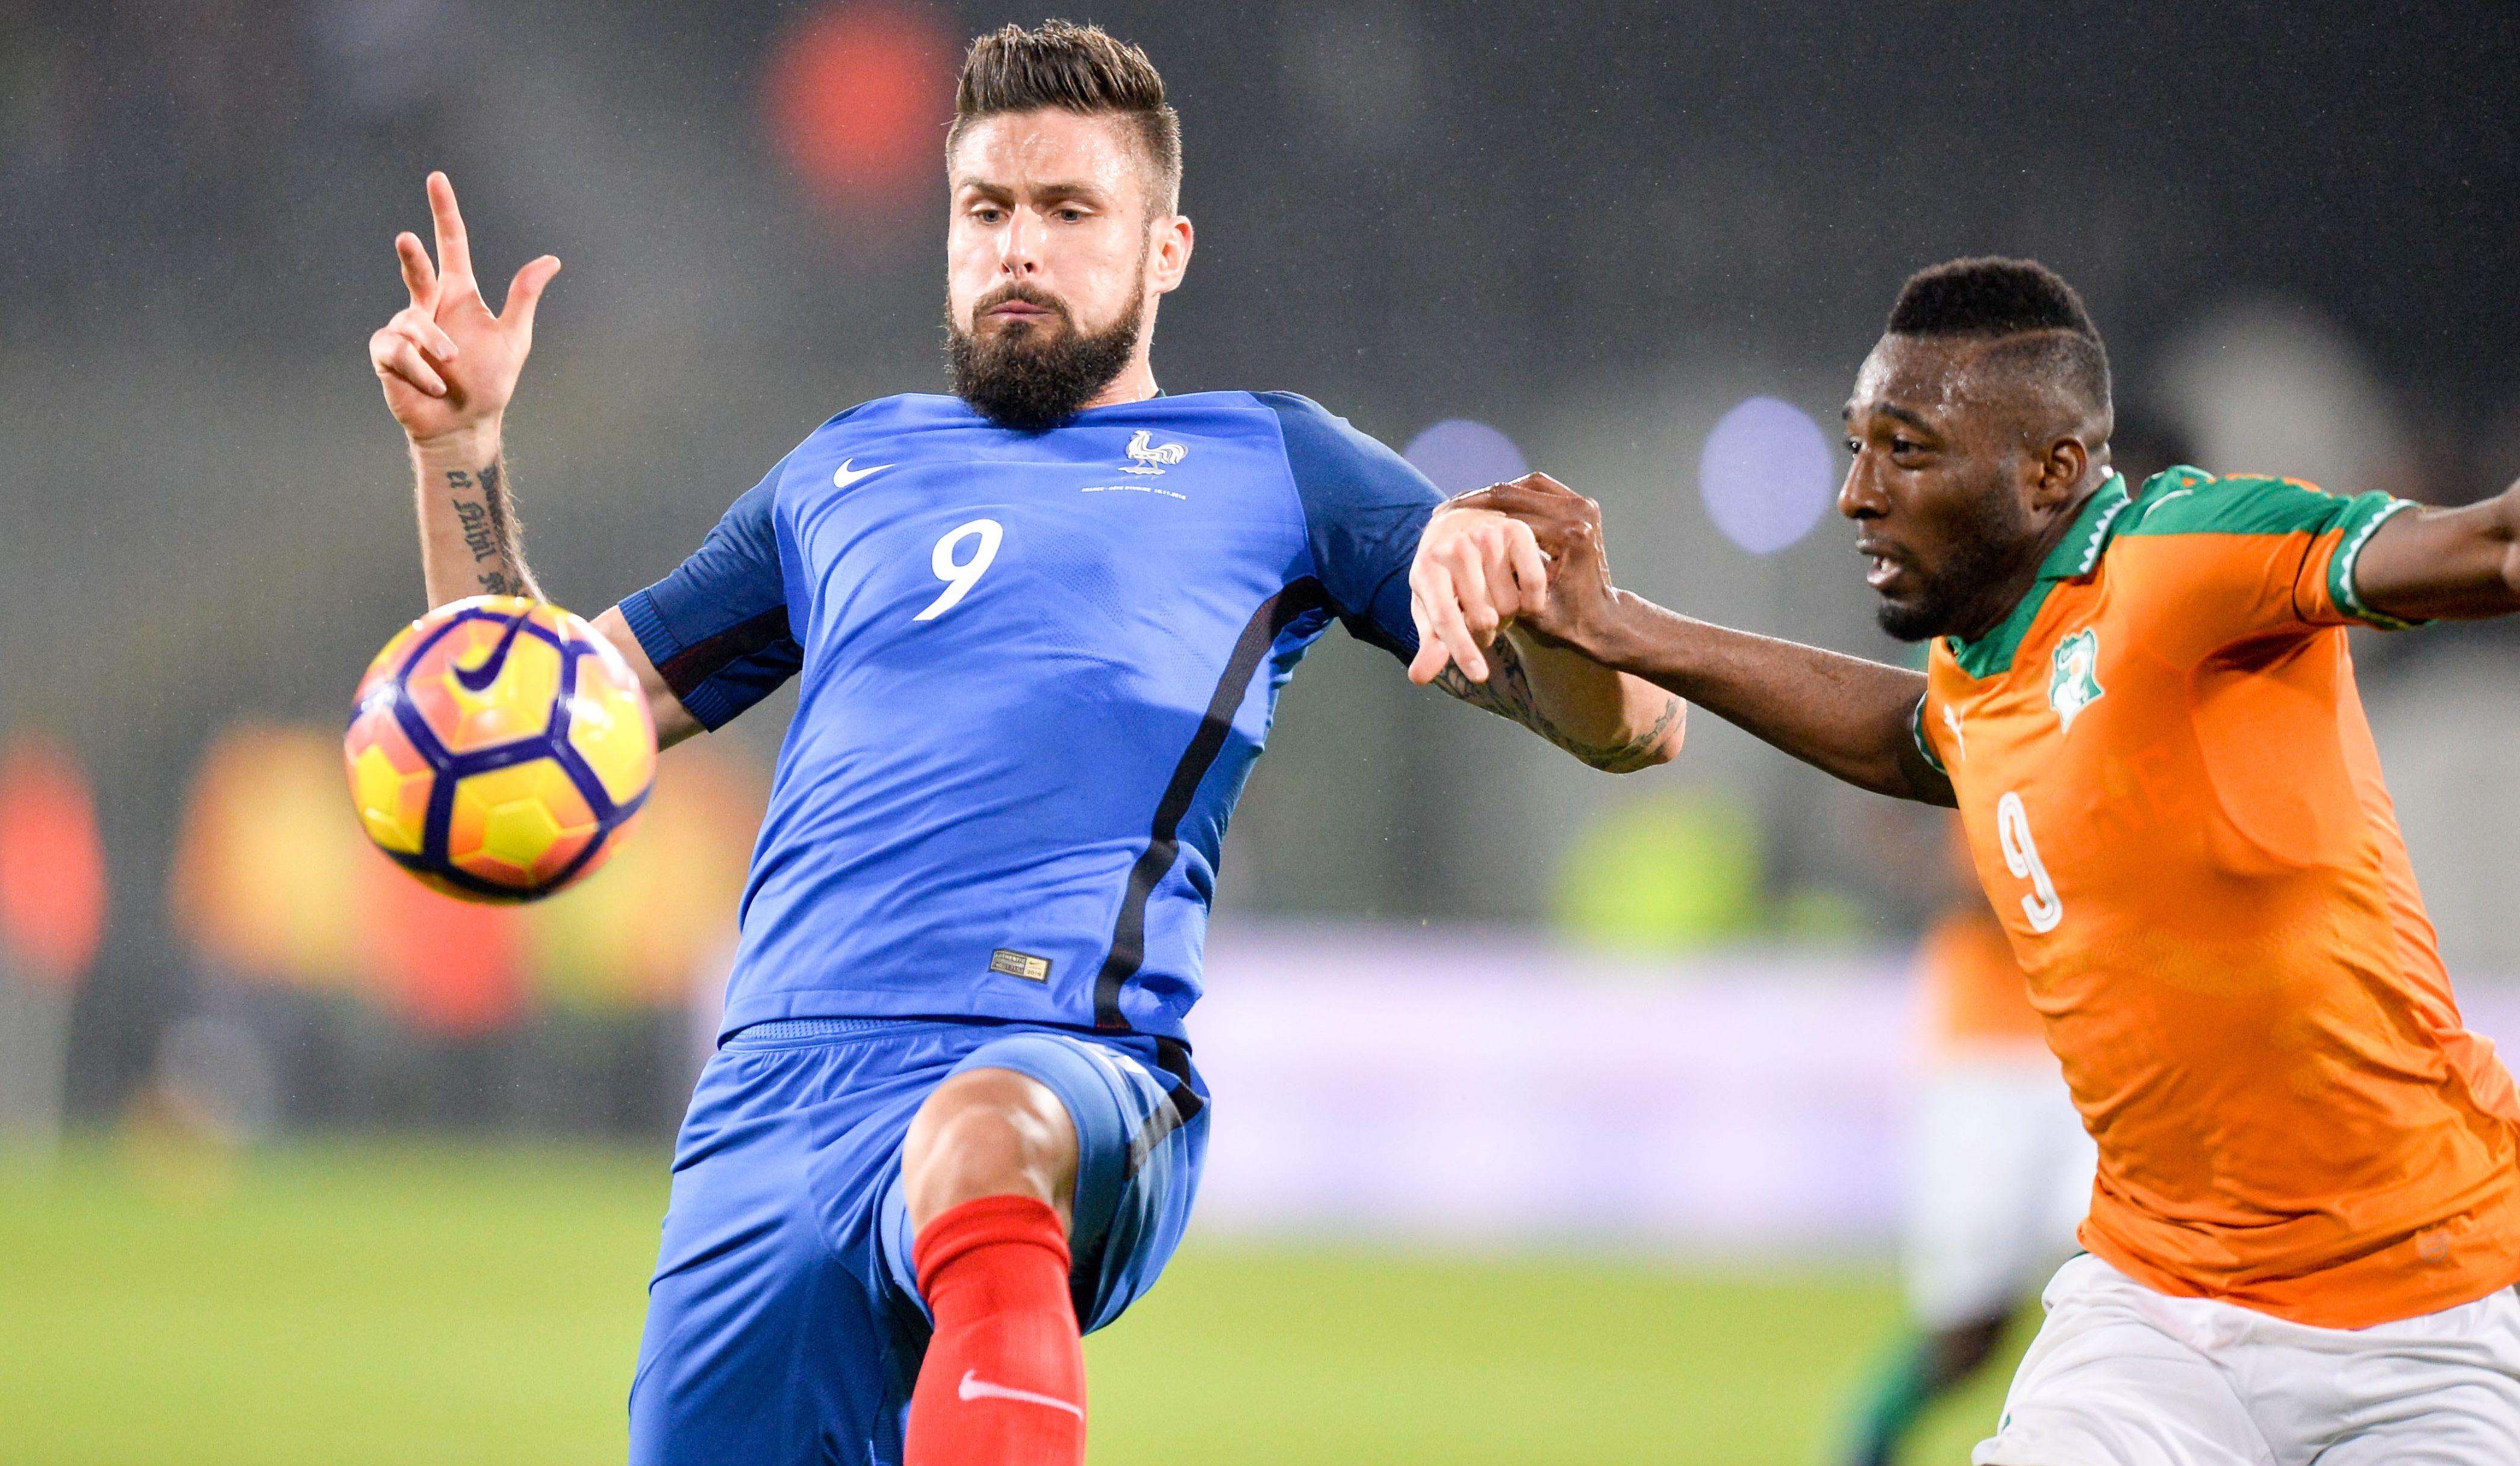 Football - Equipe de France - En difficulté, Giroud rêve d'une nouvelle parenthèse enchantée